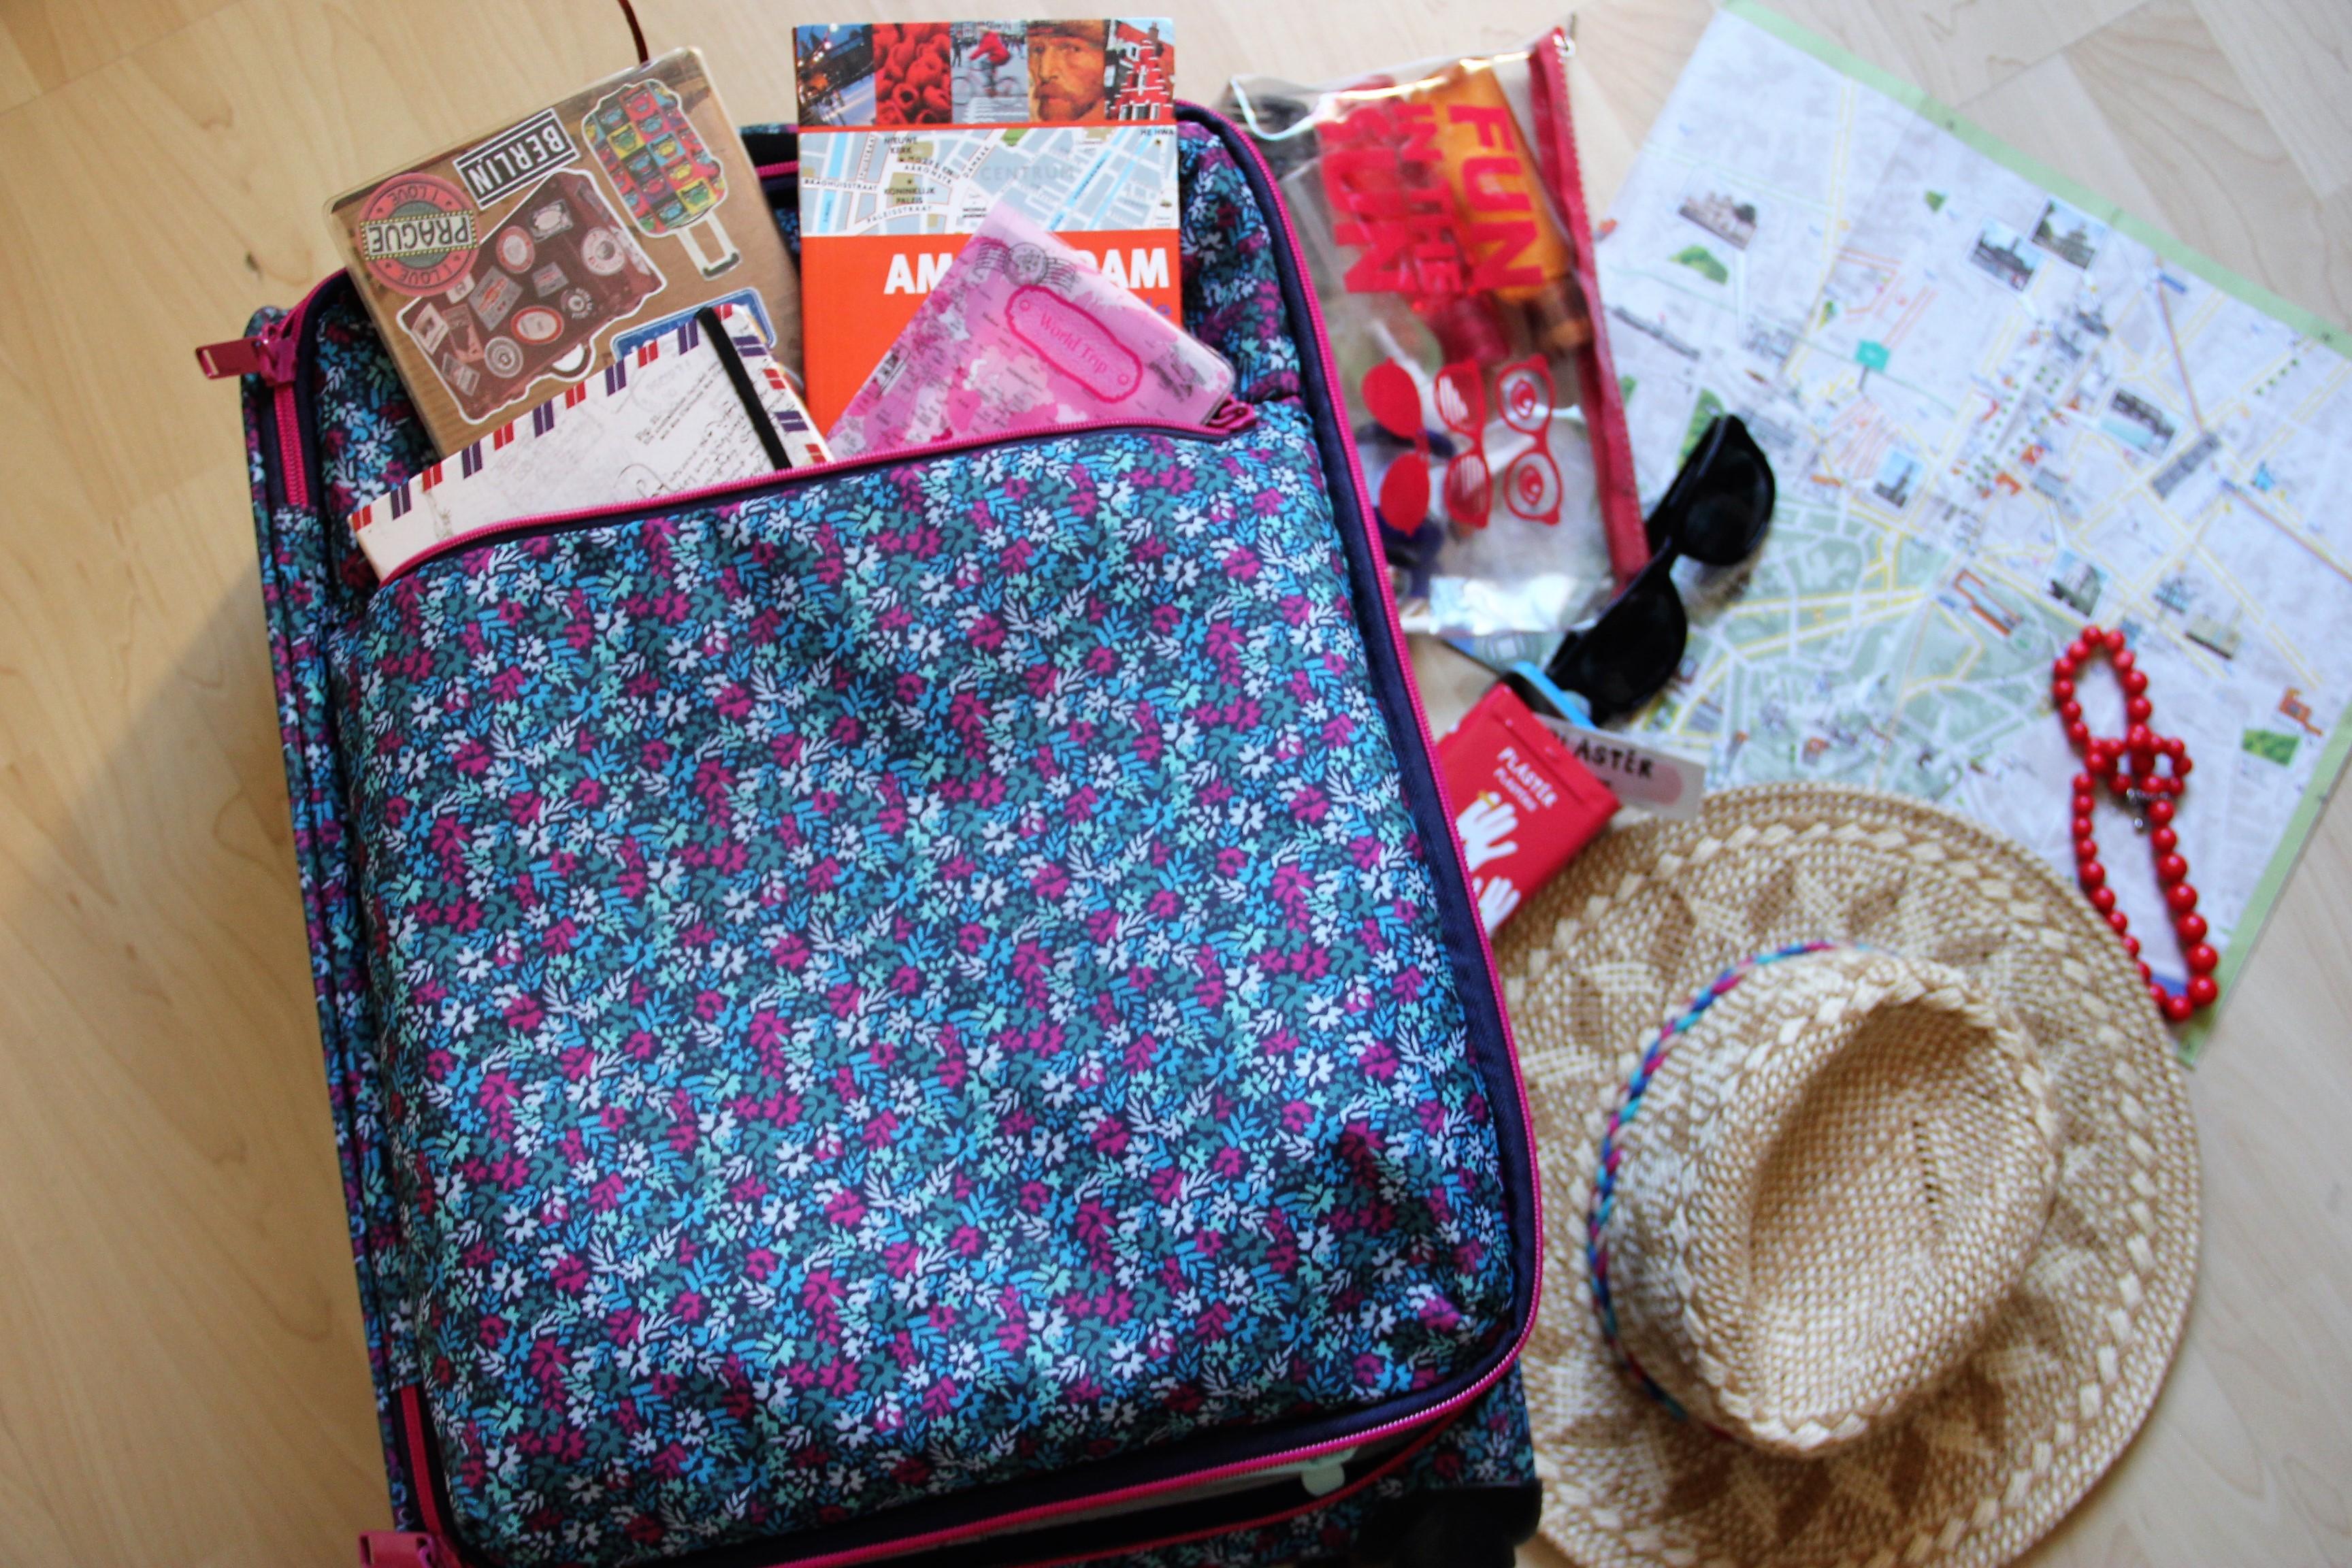 valiz hazırlarken nelere dikkat etmeli